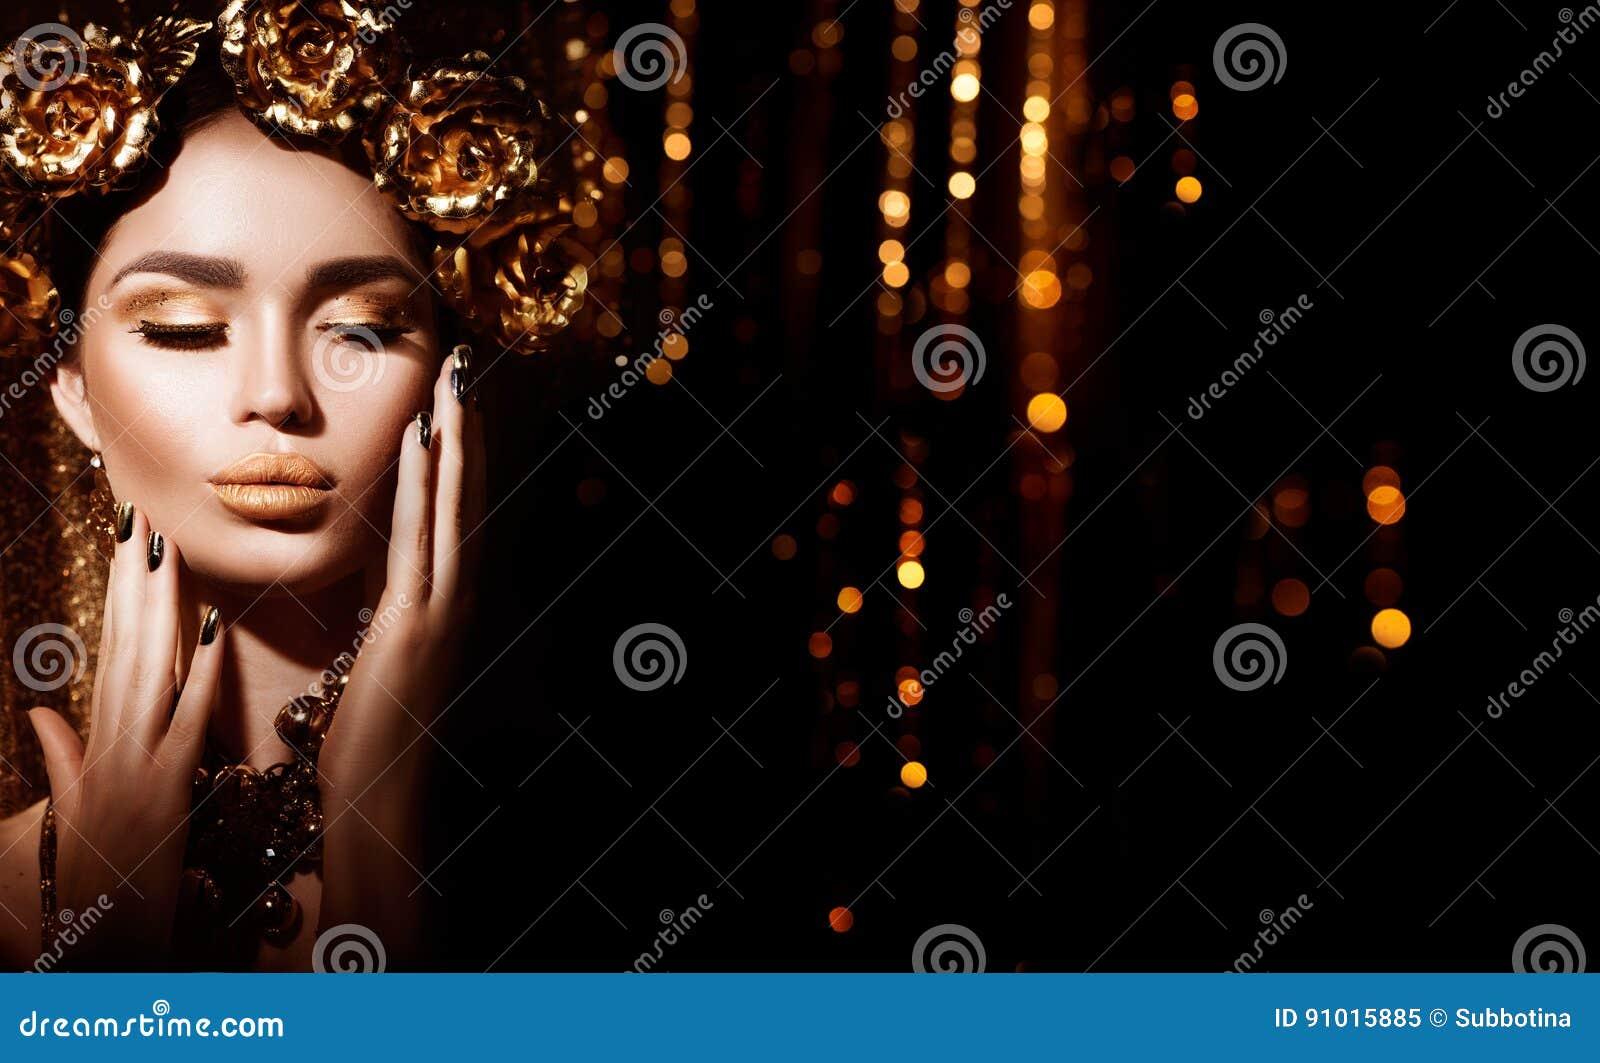 Золотые стиль причёсок, маникюр и состав праздника Золотые венок и ожерелье